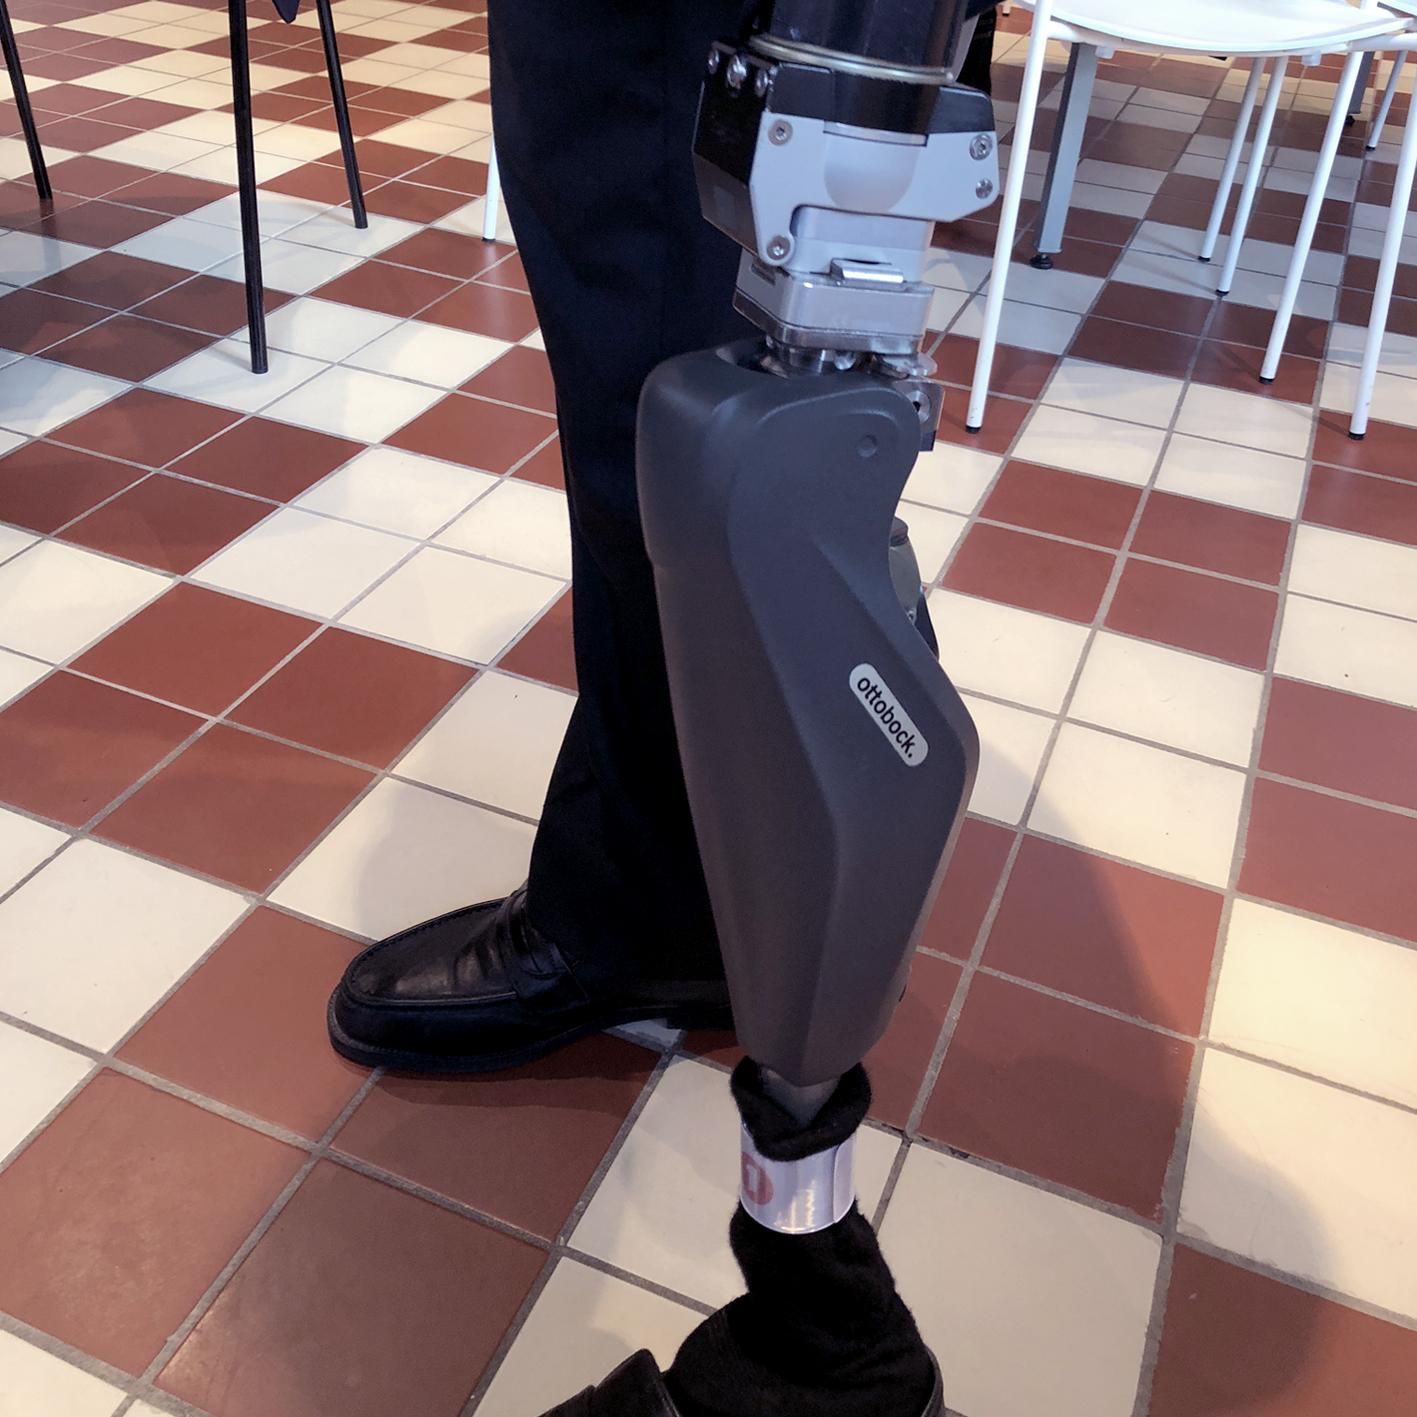 2017: Erik's latest prosthesis